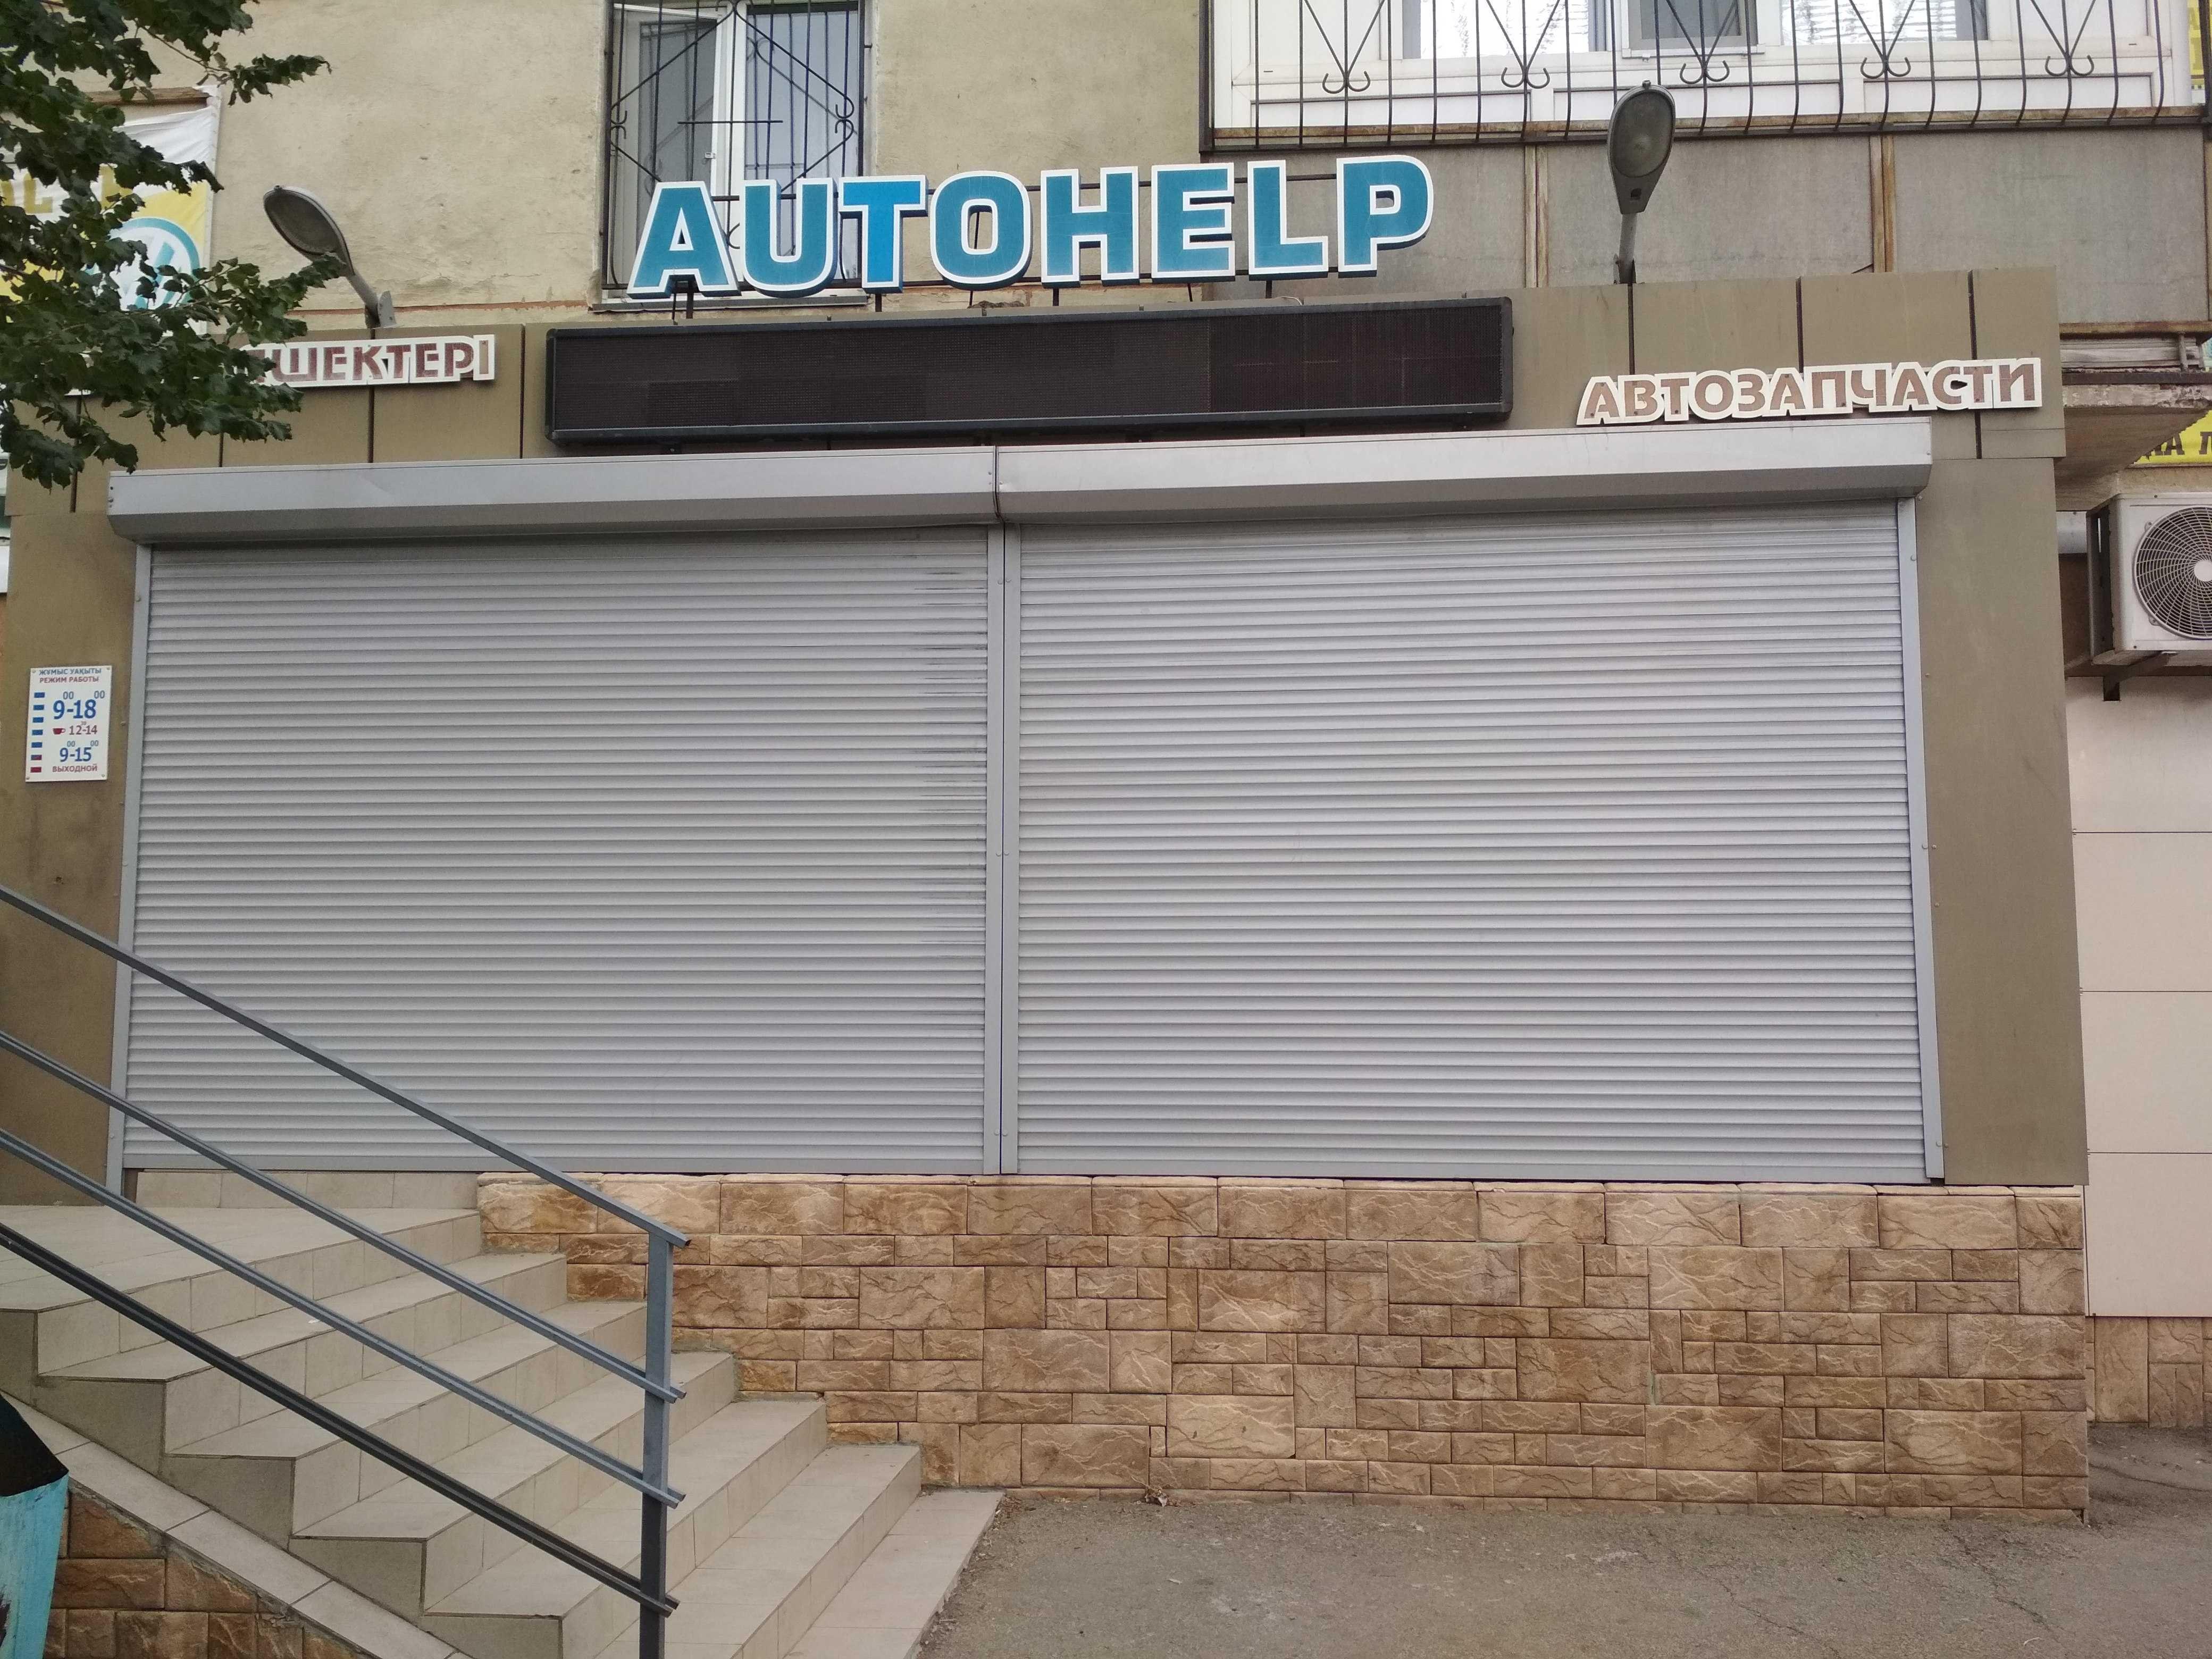 Продам  магазин автозапчасти   Костанай ул Дзержинского 39 Срочно торг